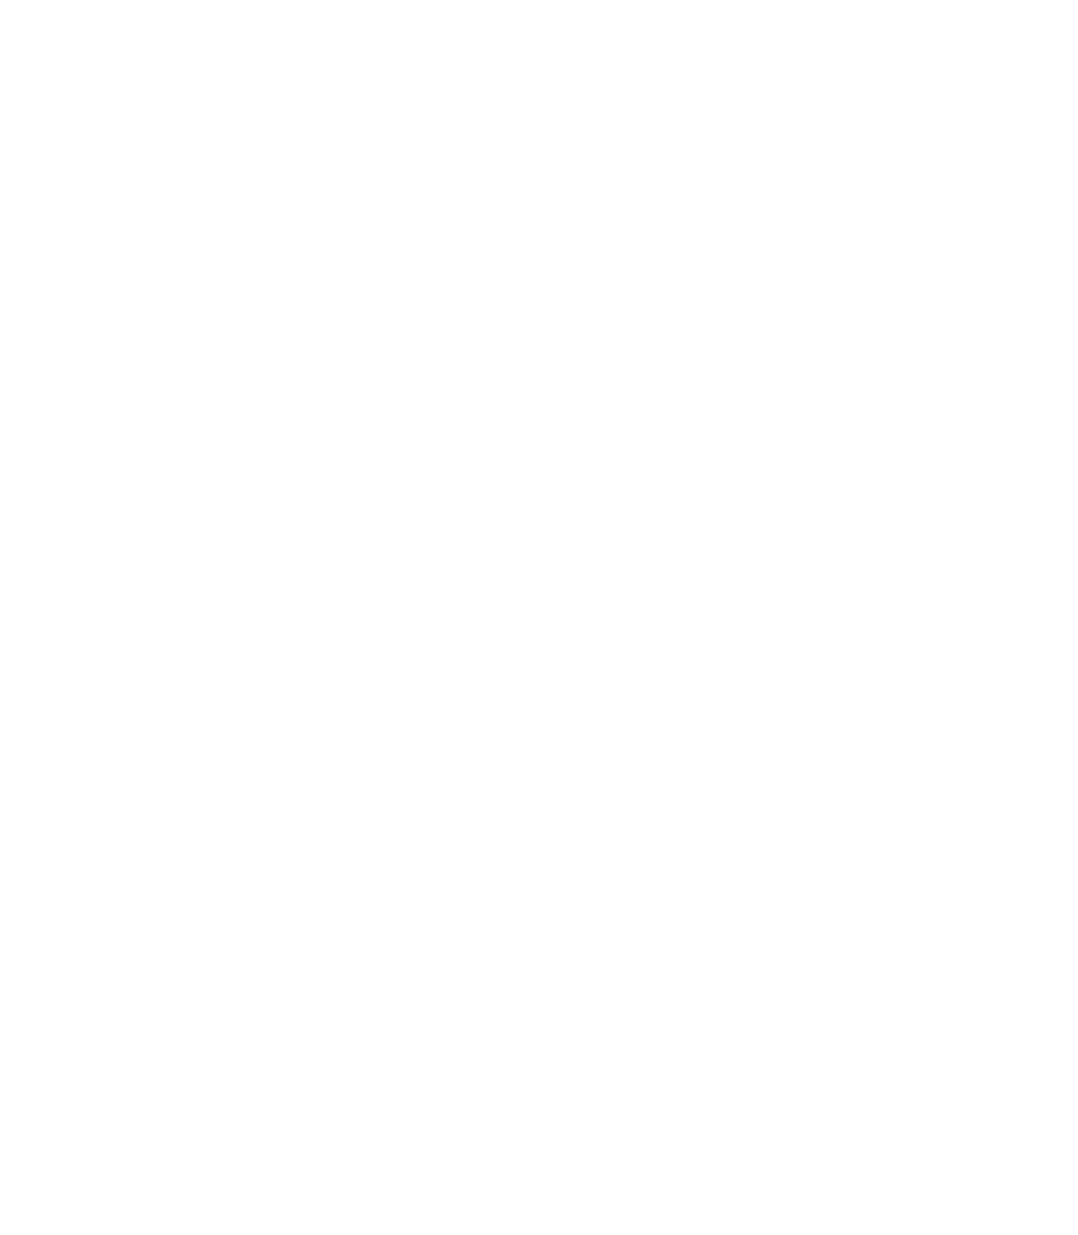 mapa003